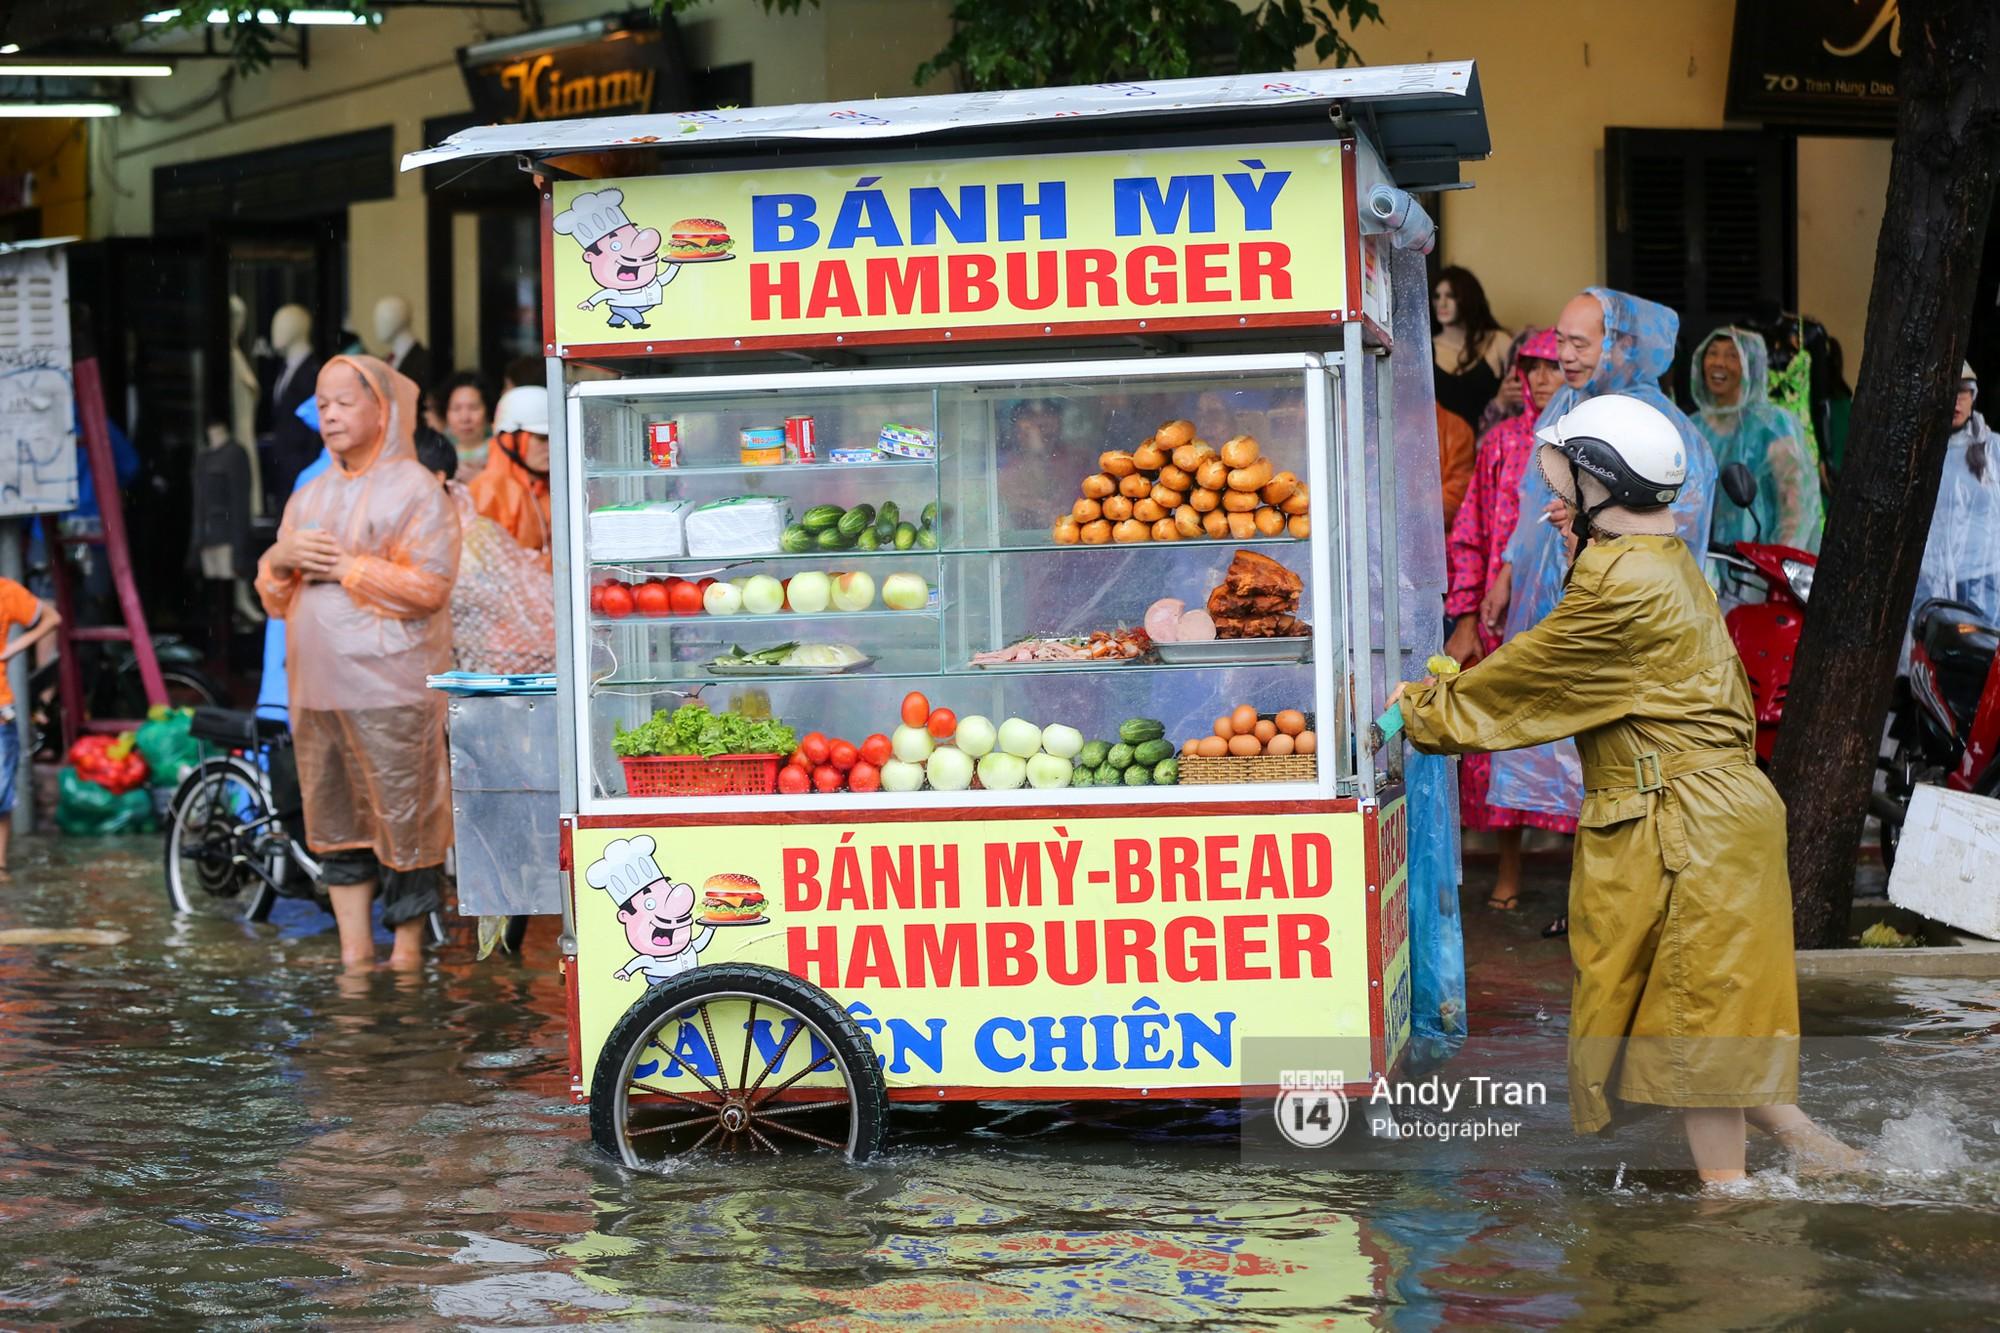 Chùm ảnh: Hội An nước ngập thành sông do ảnh hưởng của bão, người dân và du khách chật vật dùng thuyền bè di chuyển - Ảnh 9.